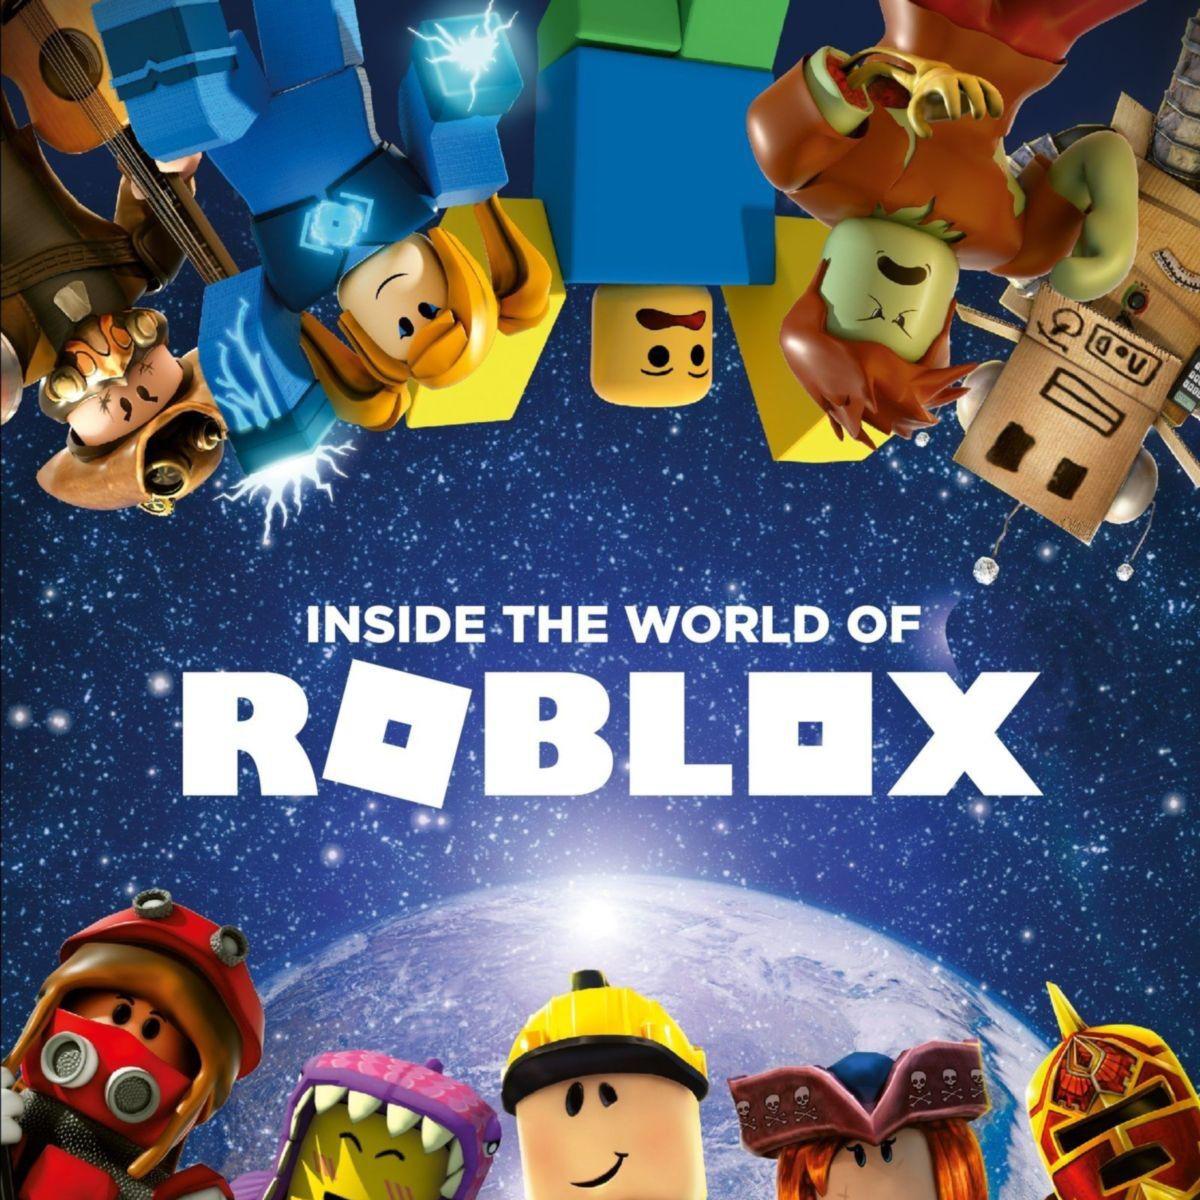 Roblox Hack apk no human verification in 2020 Roblox